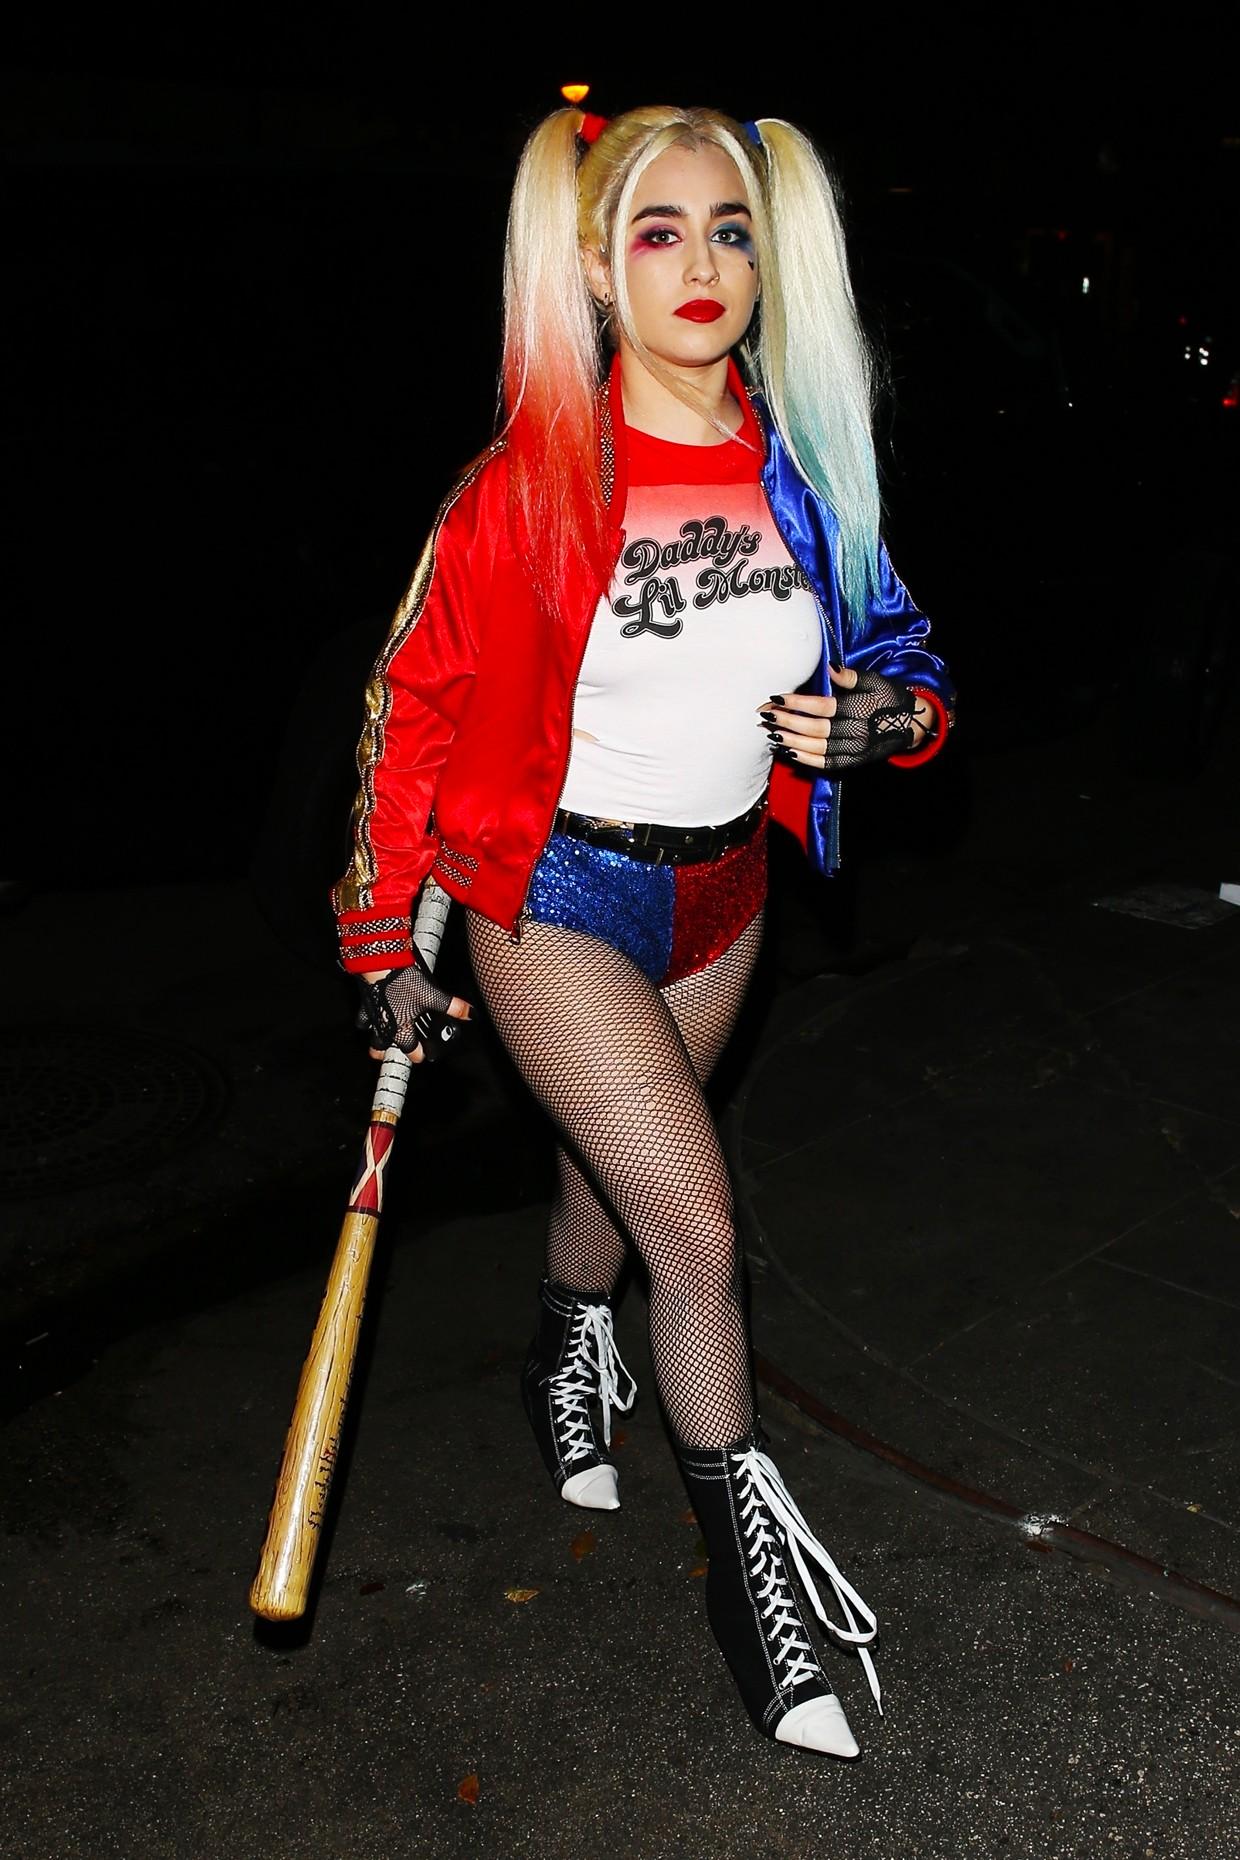 Harley Quinn Costumes Photos Of Celebs On Halloween Billboard Billboard